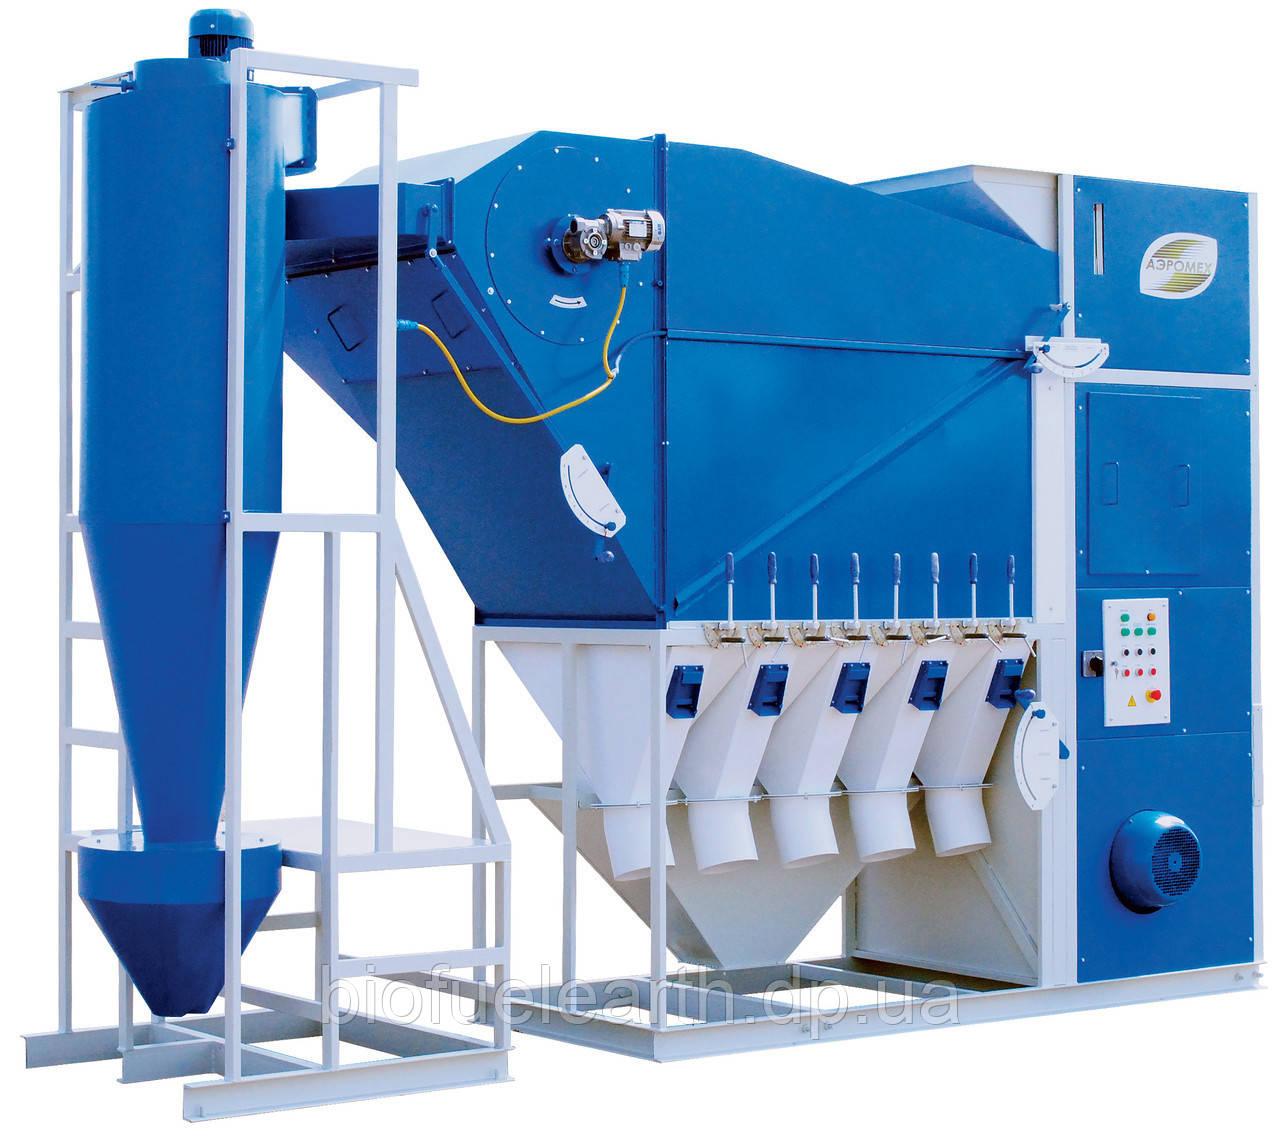 Очистка зерна от АЭРОМЕХ -сепаратор САД-50 с циклоном (воздушная очистка зерна)